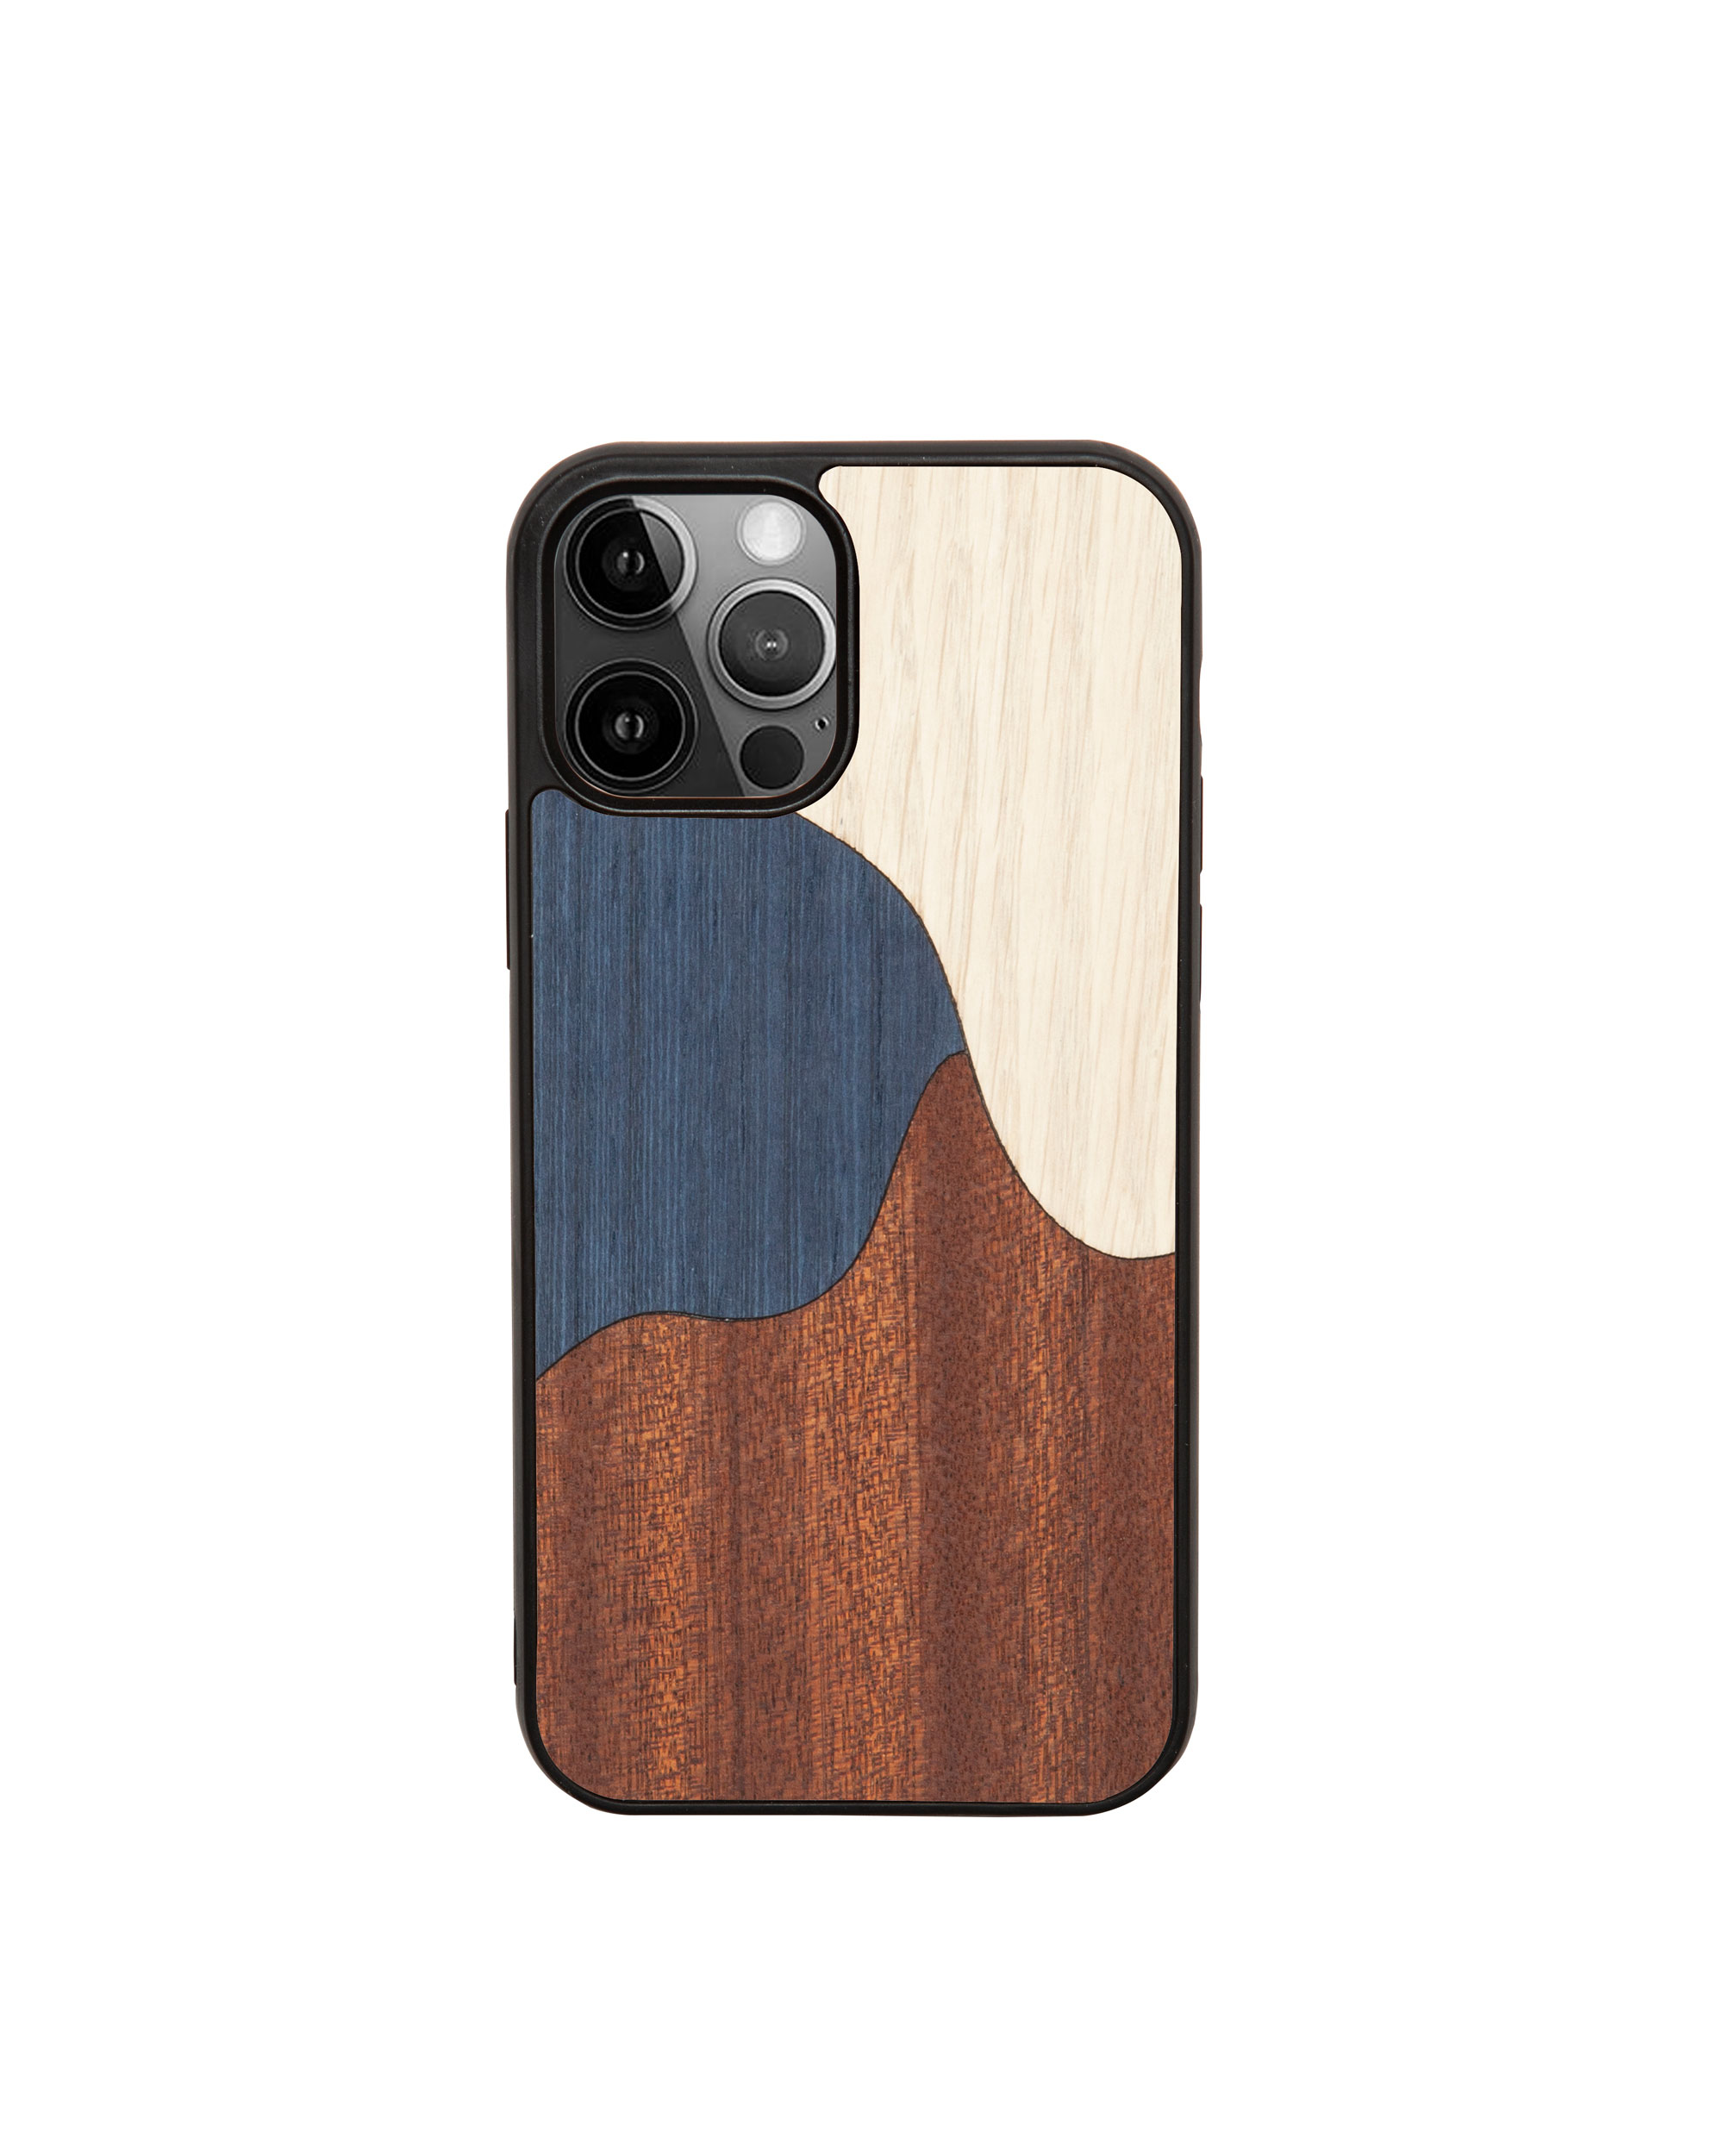 INLAY BLUE - Coque en bois pour iPhone 11 pro max